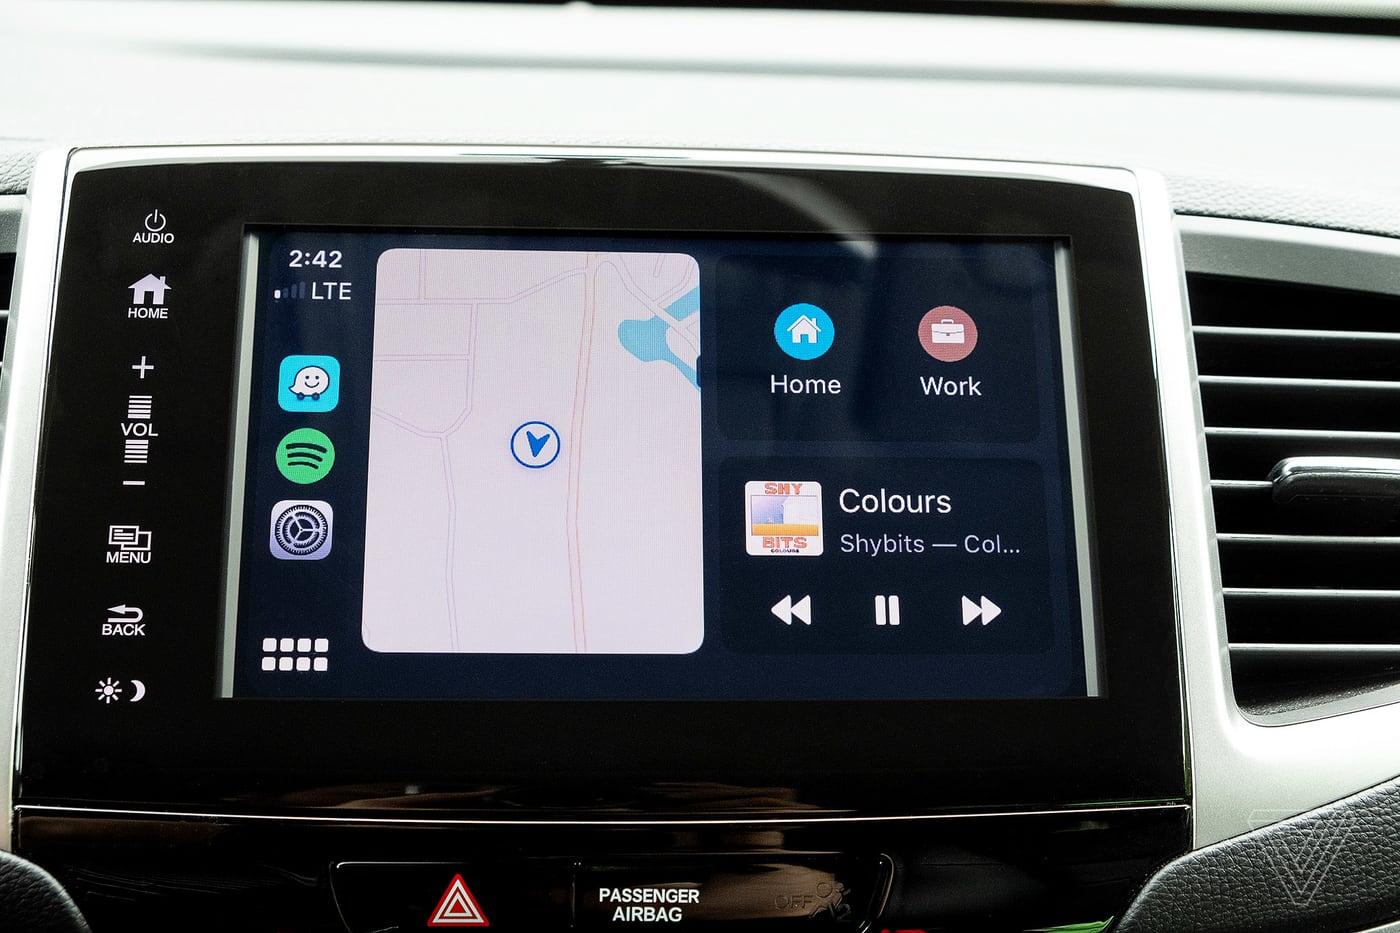 Apple hé lộ tính năng CarKey, cho phép người dùng sử dụng iPhone để mở khoá xe ô tô | Không chỉ iPhone mà cả Apple Watch cũng hỗ trợ tính năng mở khoá xe ô tô mới được Apple giới thiệu.  Apple đã ra mắt bản beta đầu tiên của hệ điều hành iOS 13.4 vào ngày hôm nay, và phiên bản iOS này có một tính năng chưa từng được công bố cho phép người dùng khoá, mở khoá và nổ máy xe ô tô bằng iPhone hoặc Apple Watch, theo thông tin từ chuyên trang 9to5Mac. Bản iOS 13.4 beta có nhắc đến một hàm giao diện lập trình ứng dụng (API) mới có tên gọi là